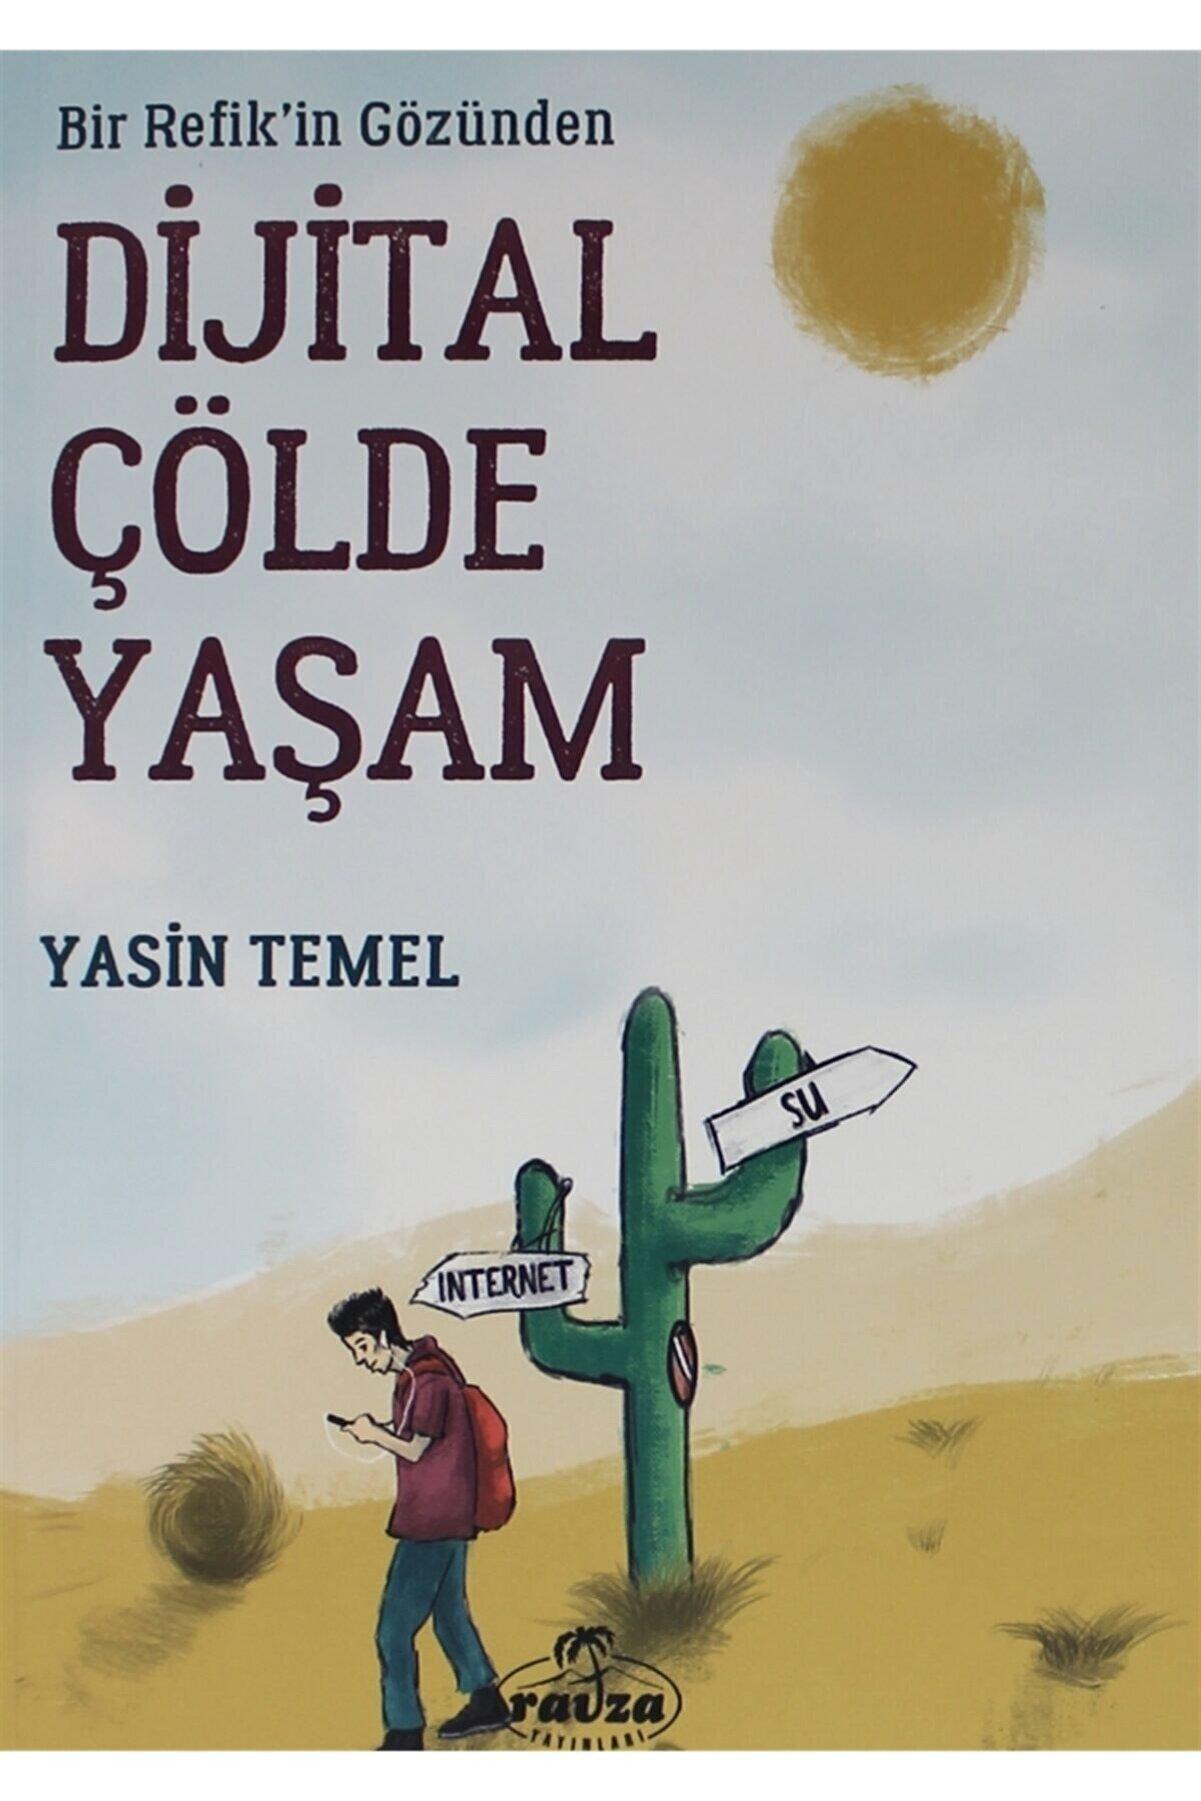 Ravza Yayınları Bir Refik'in Gözünden Dijital Çölde Yaşam